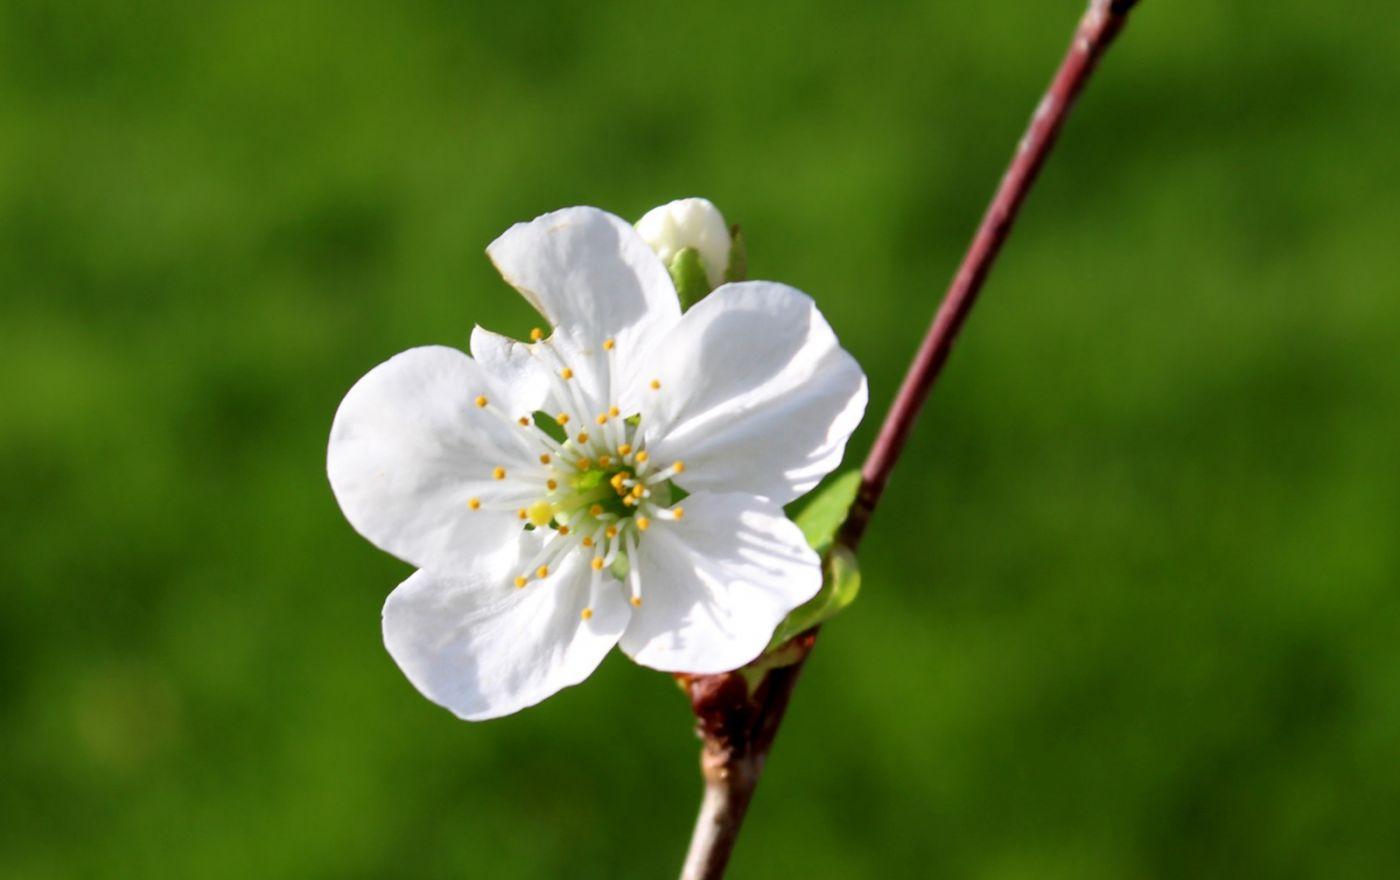 樱桃花开了_图1-2